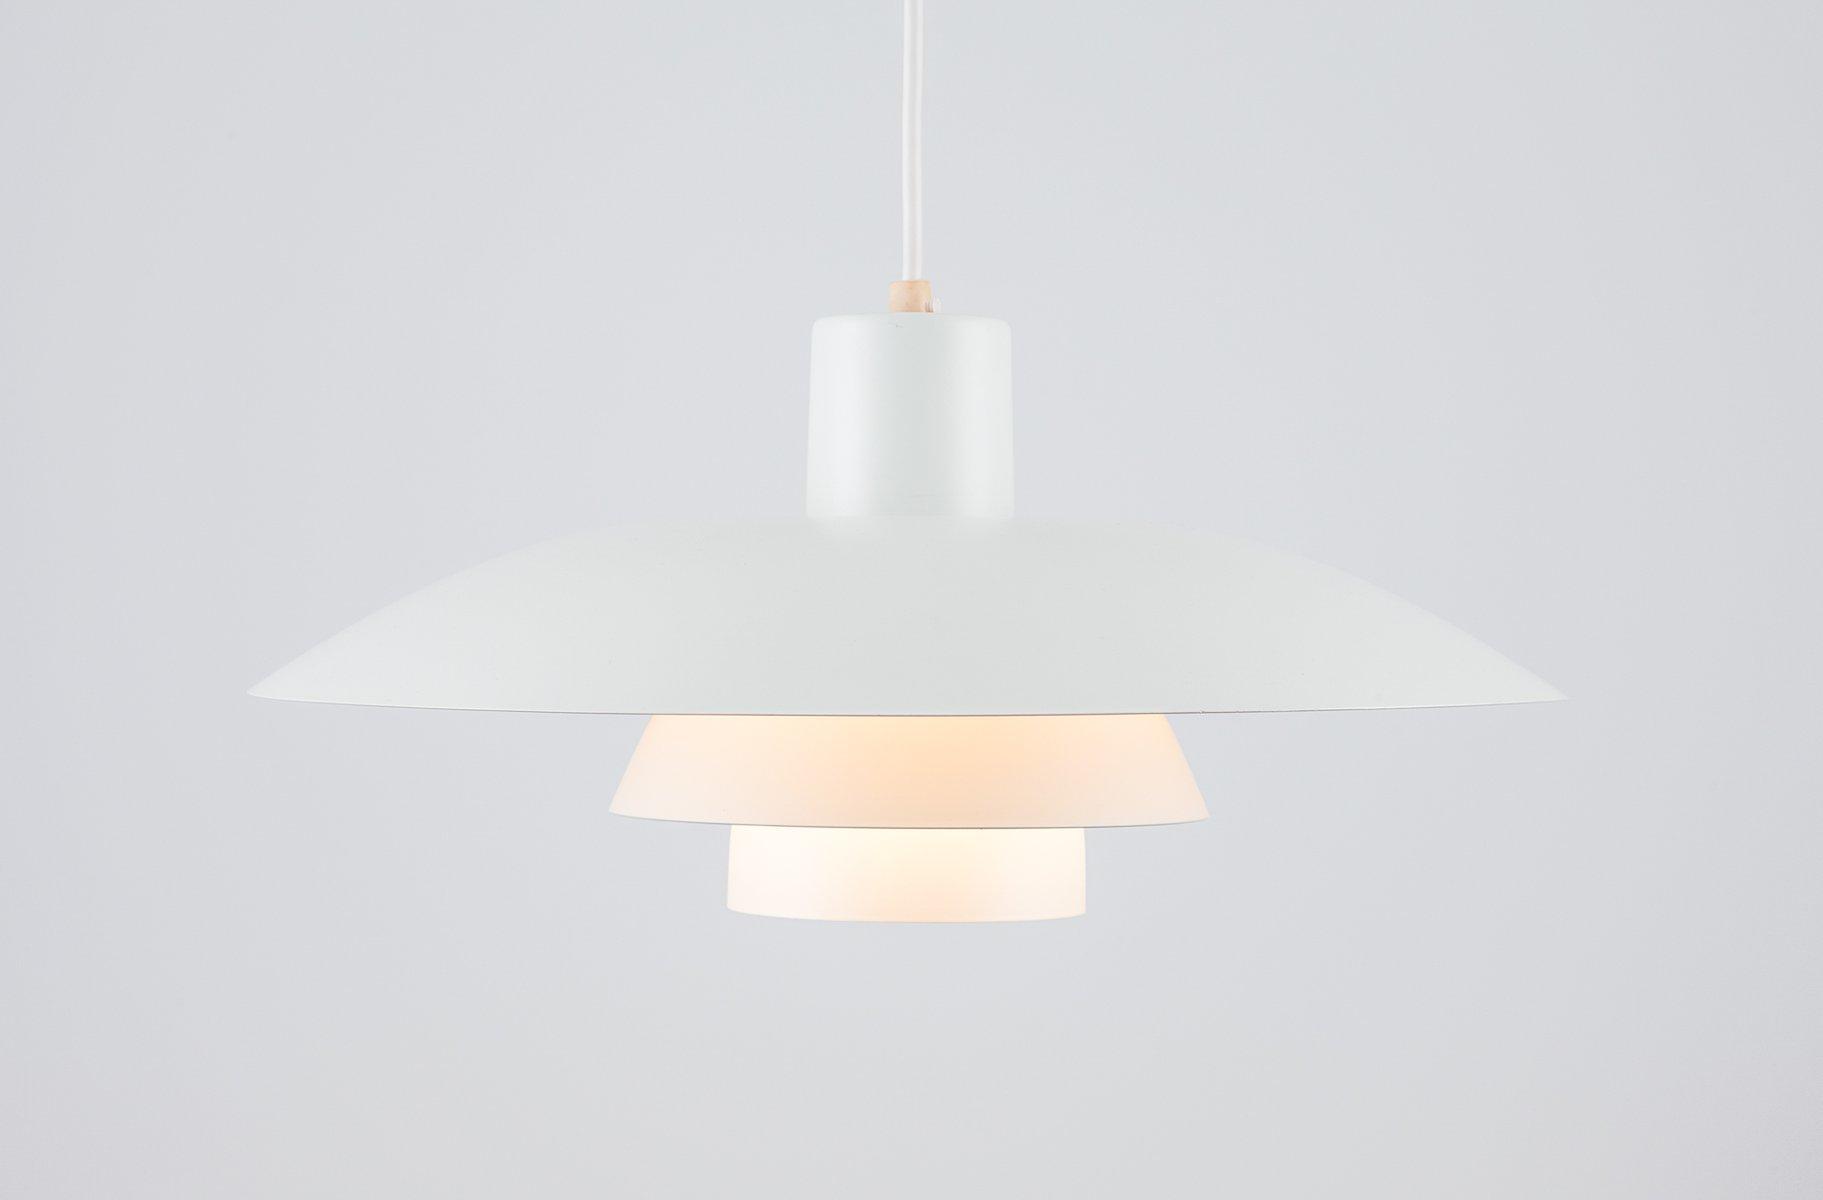 mid-century-ph-4-3-lampe-von-poul-henningsen-fuer-louis-poulsen-3 Schöne Lampe Mit Mehreren Lampenschirmen Dekorationen